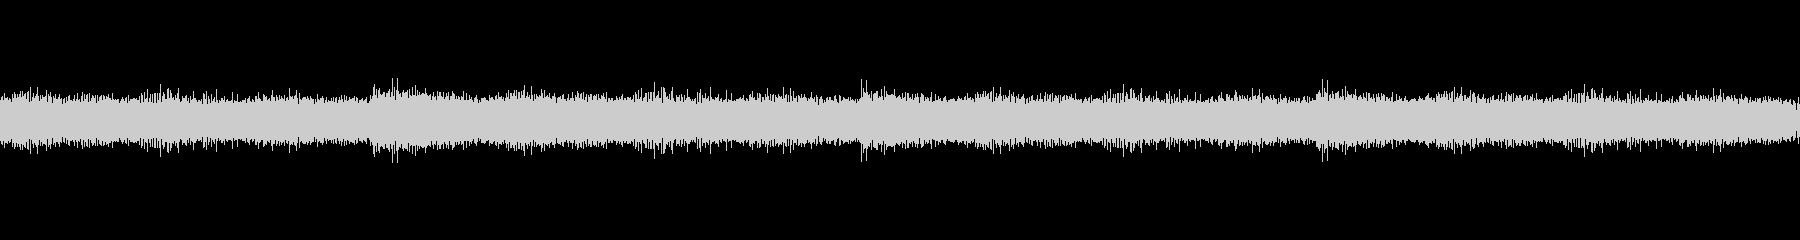 ビビビビビビビ(バックで低音の音あり)の未再生の波形